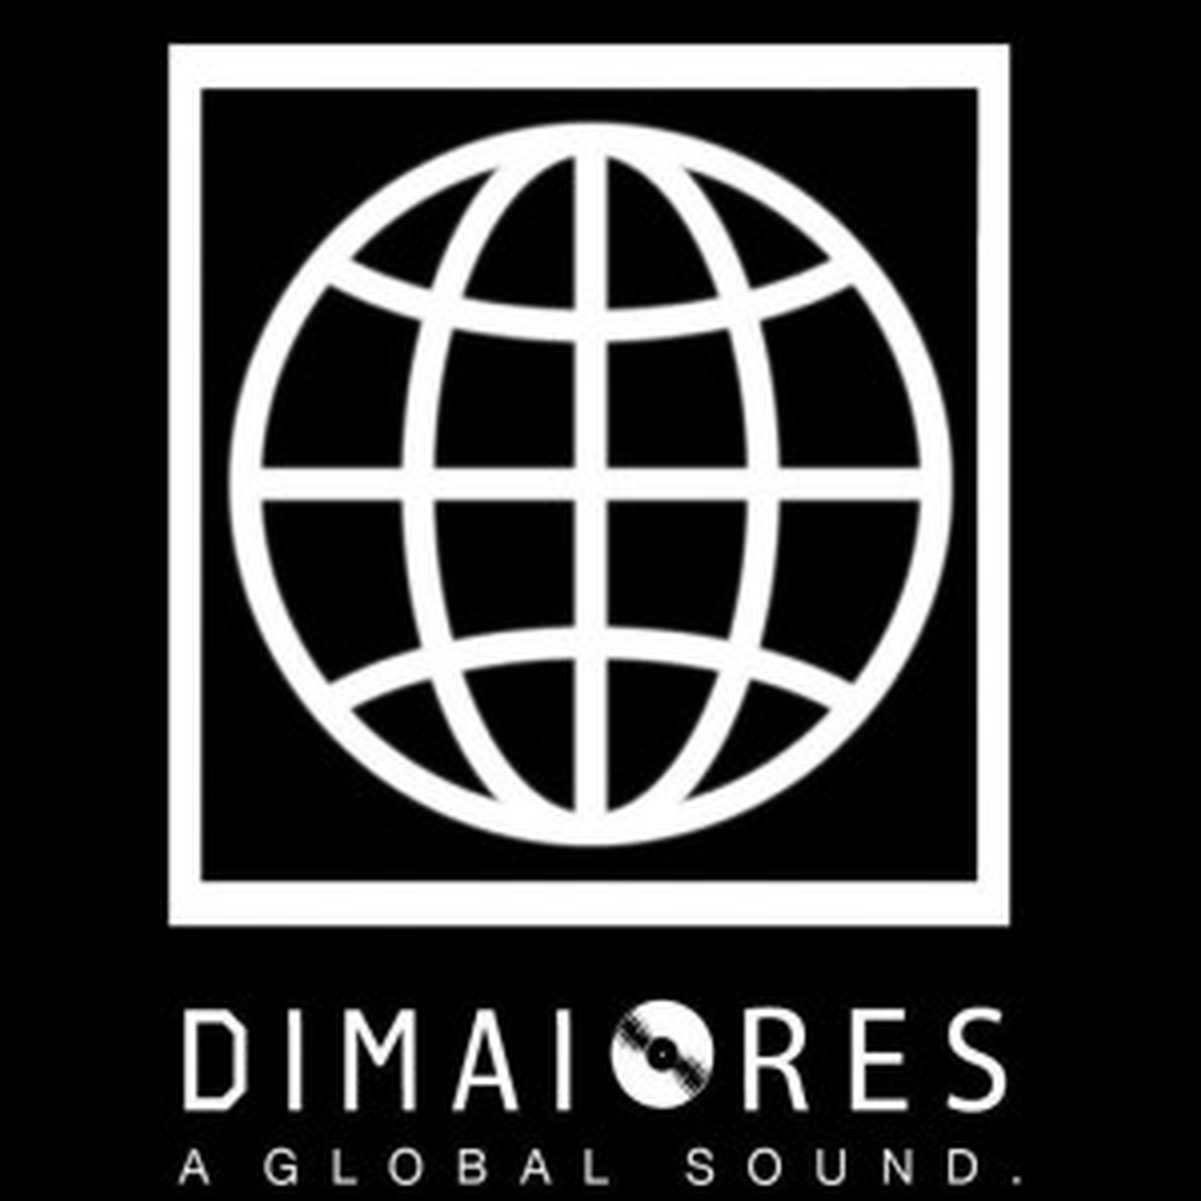 DIMAIORES